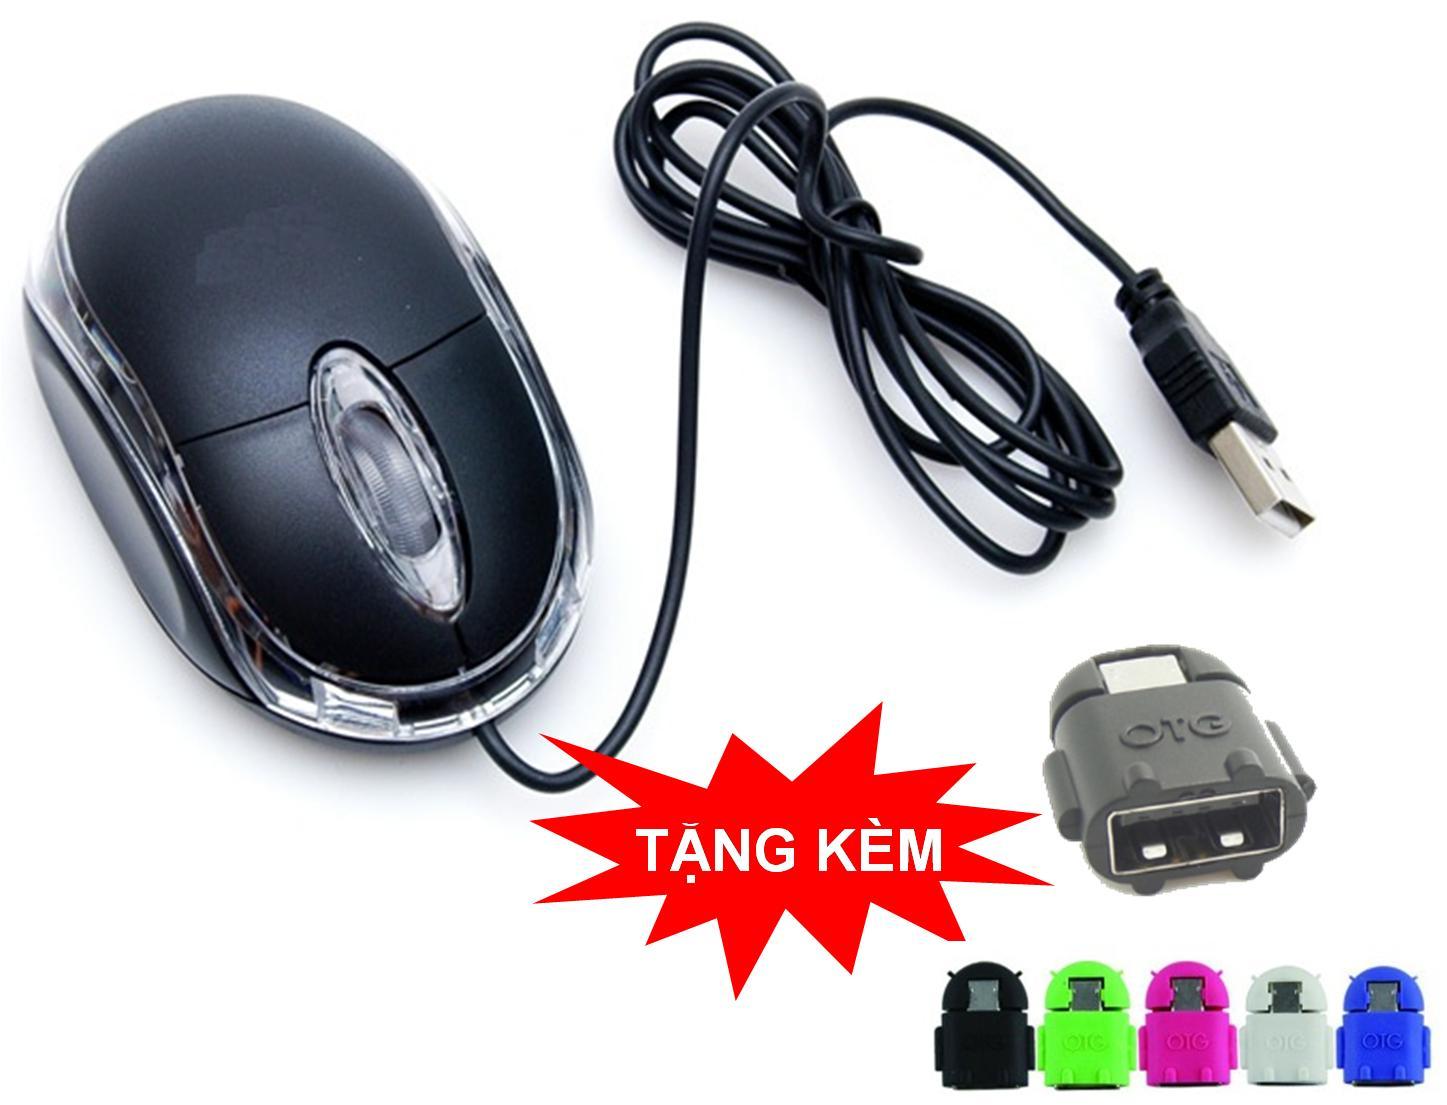 Chuột quang IC8733 chân USB + Tặng cổng OTG MiniOn